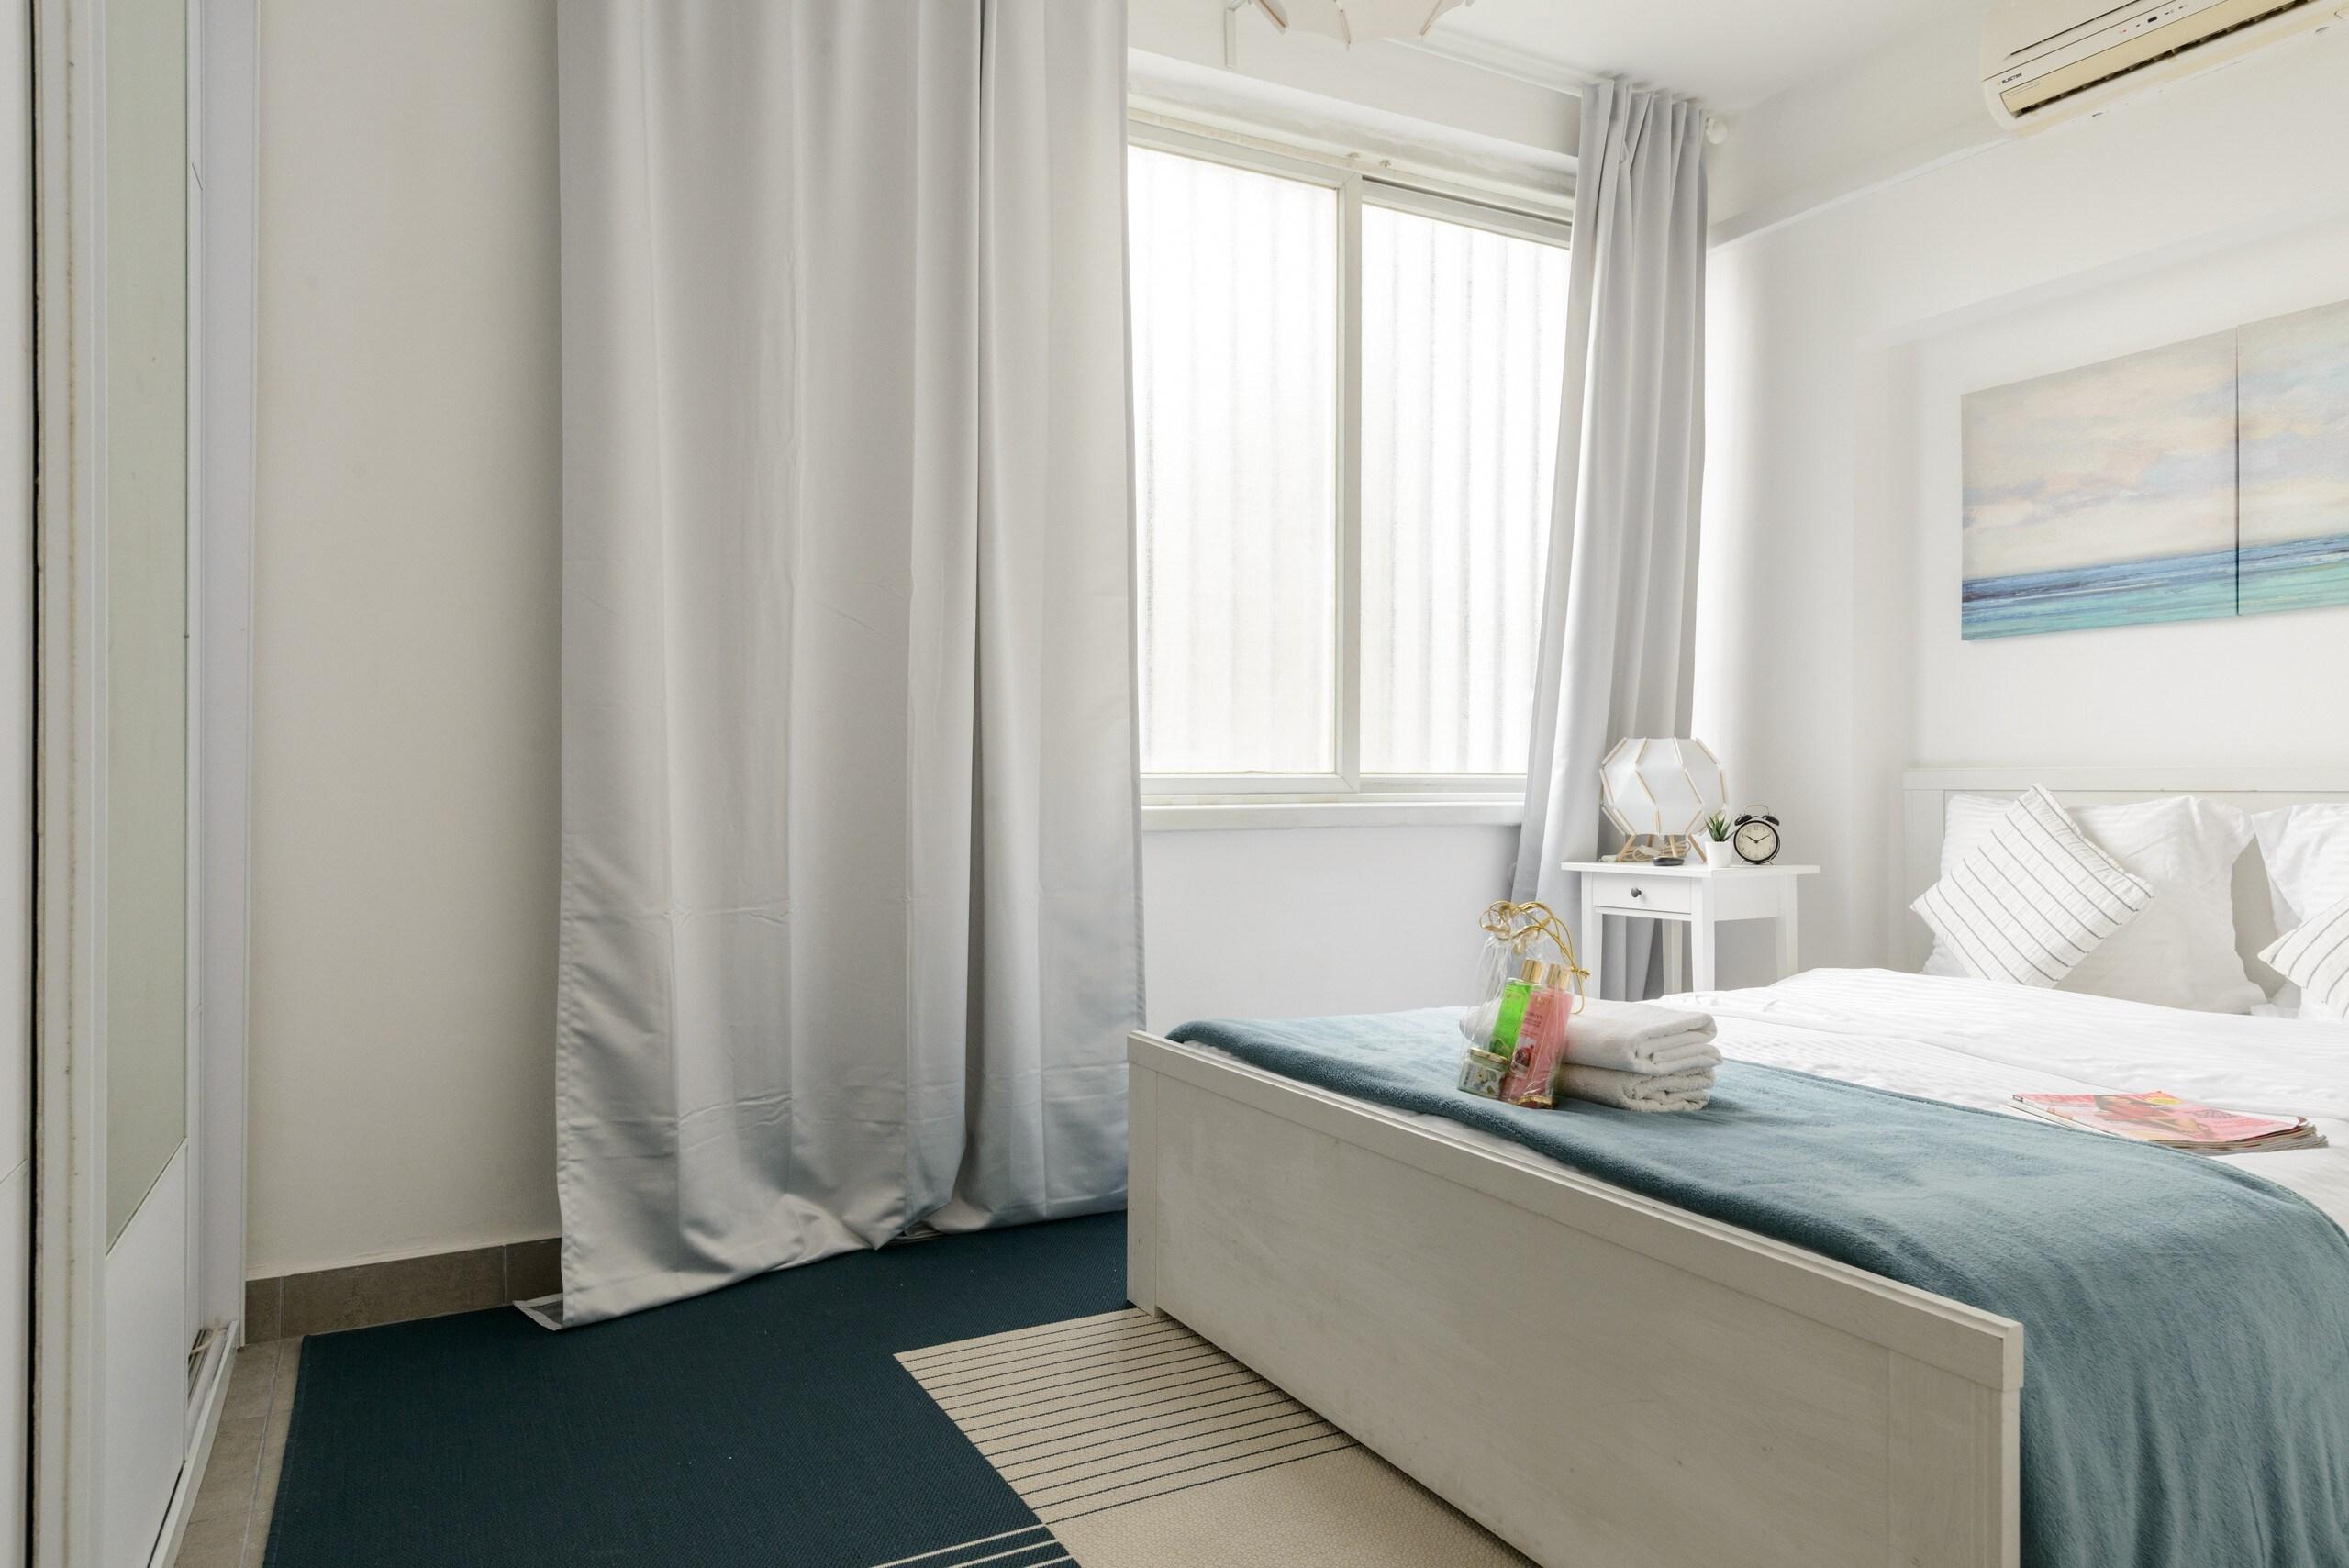 Sea View 2 bedroom apartment next to Hilton beach photo 21105483